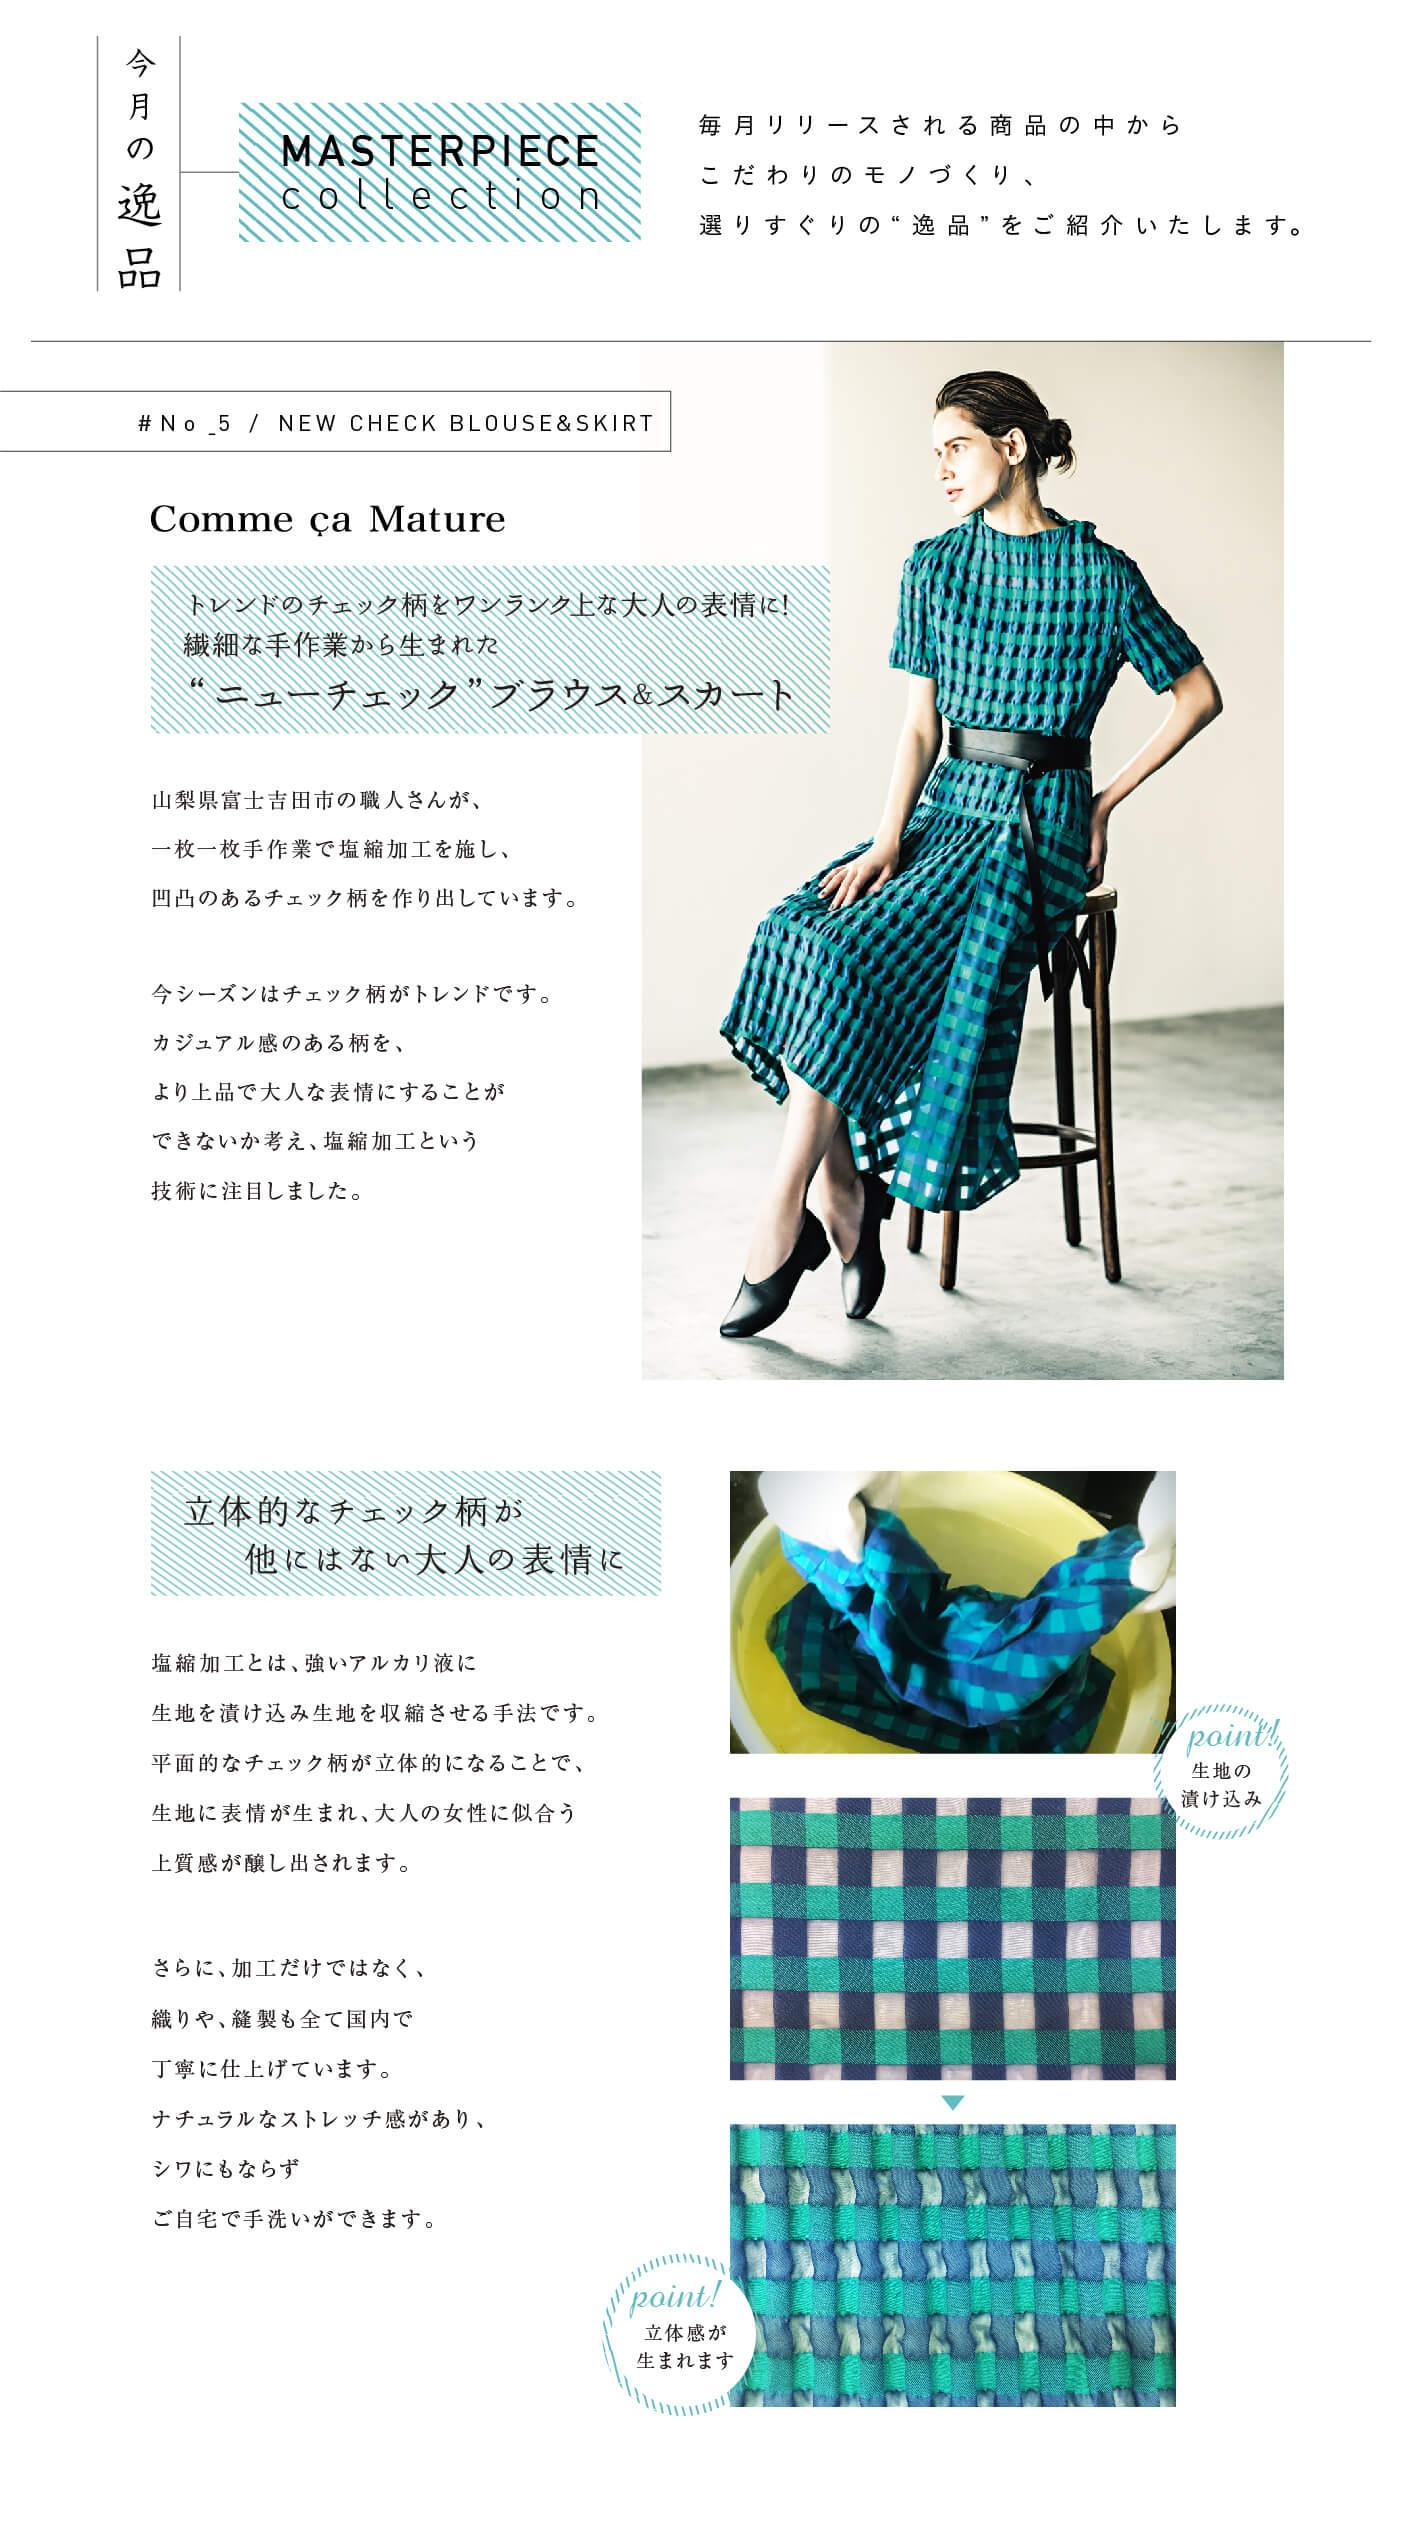 今月の逸品_8月コムサマチュア_ニューチェックブラウス&スカート